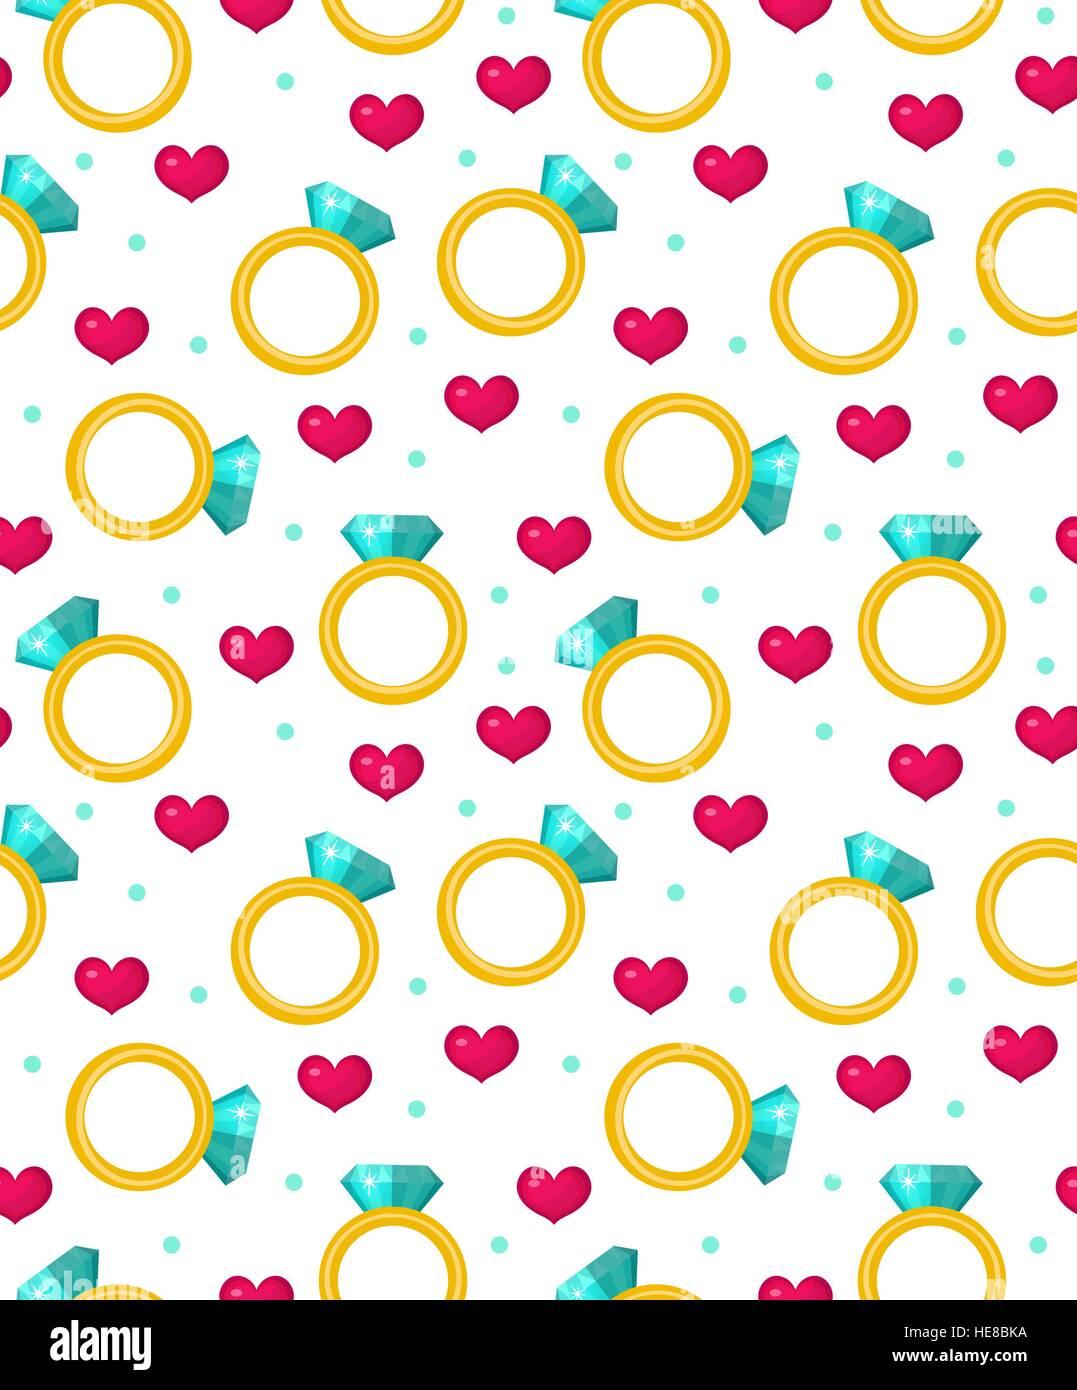 niedliche musterdesign valentinstag mit juwel ring rote herzen liebe romantik endlosen. Black Bedroom Furniture Sets. Home Design Ideas